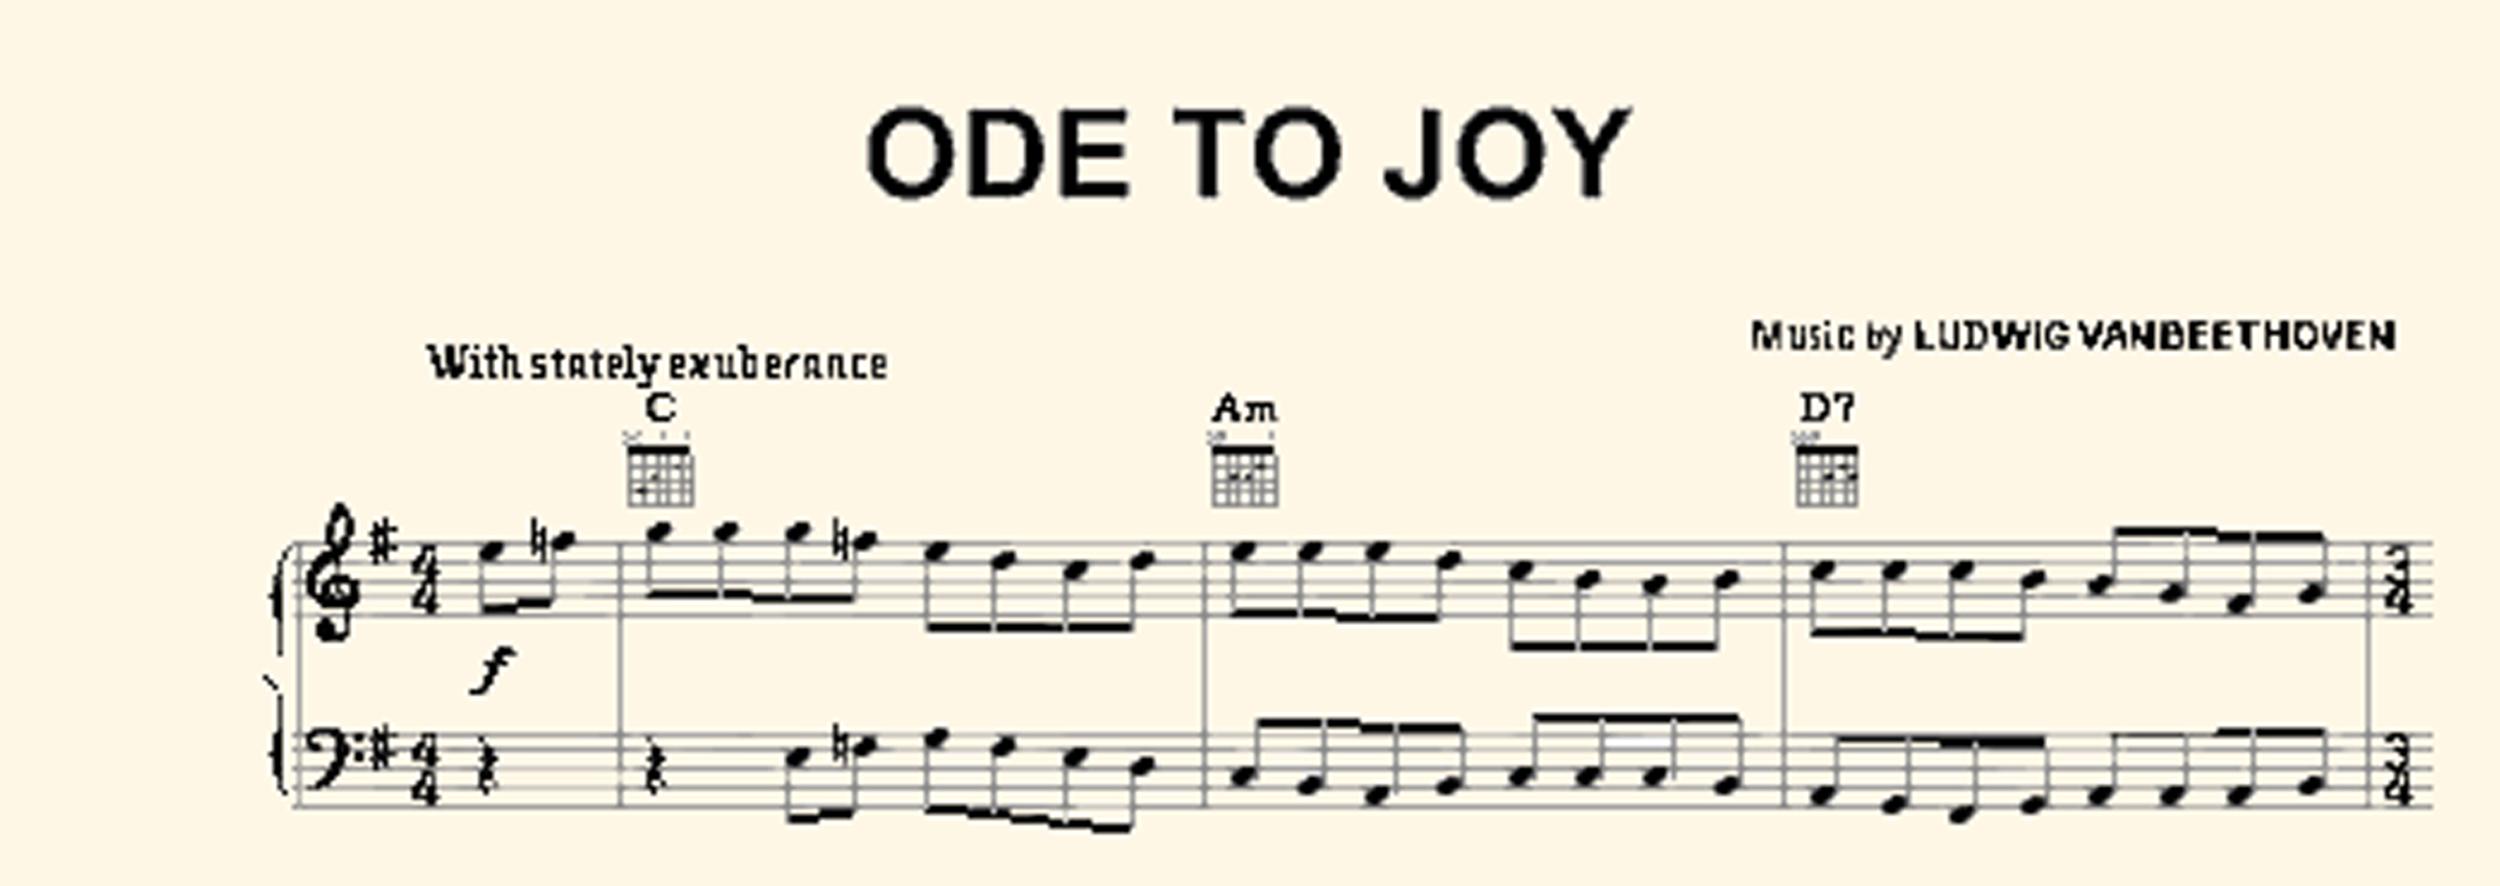 Ode to Joy - Edit2.png